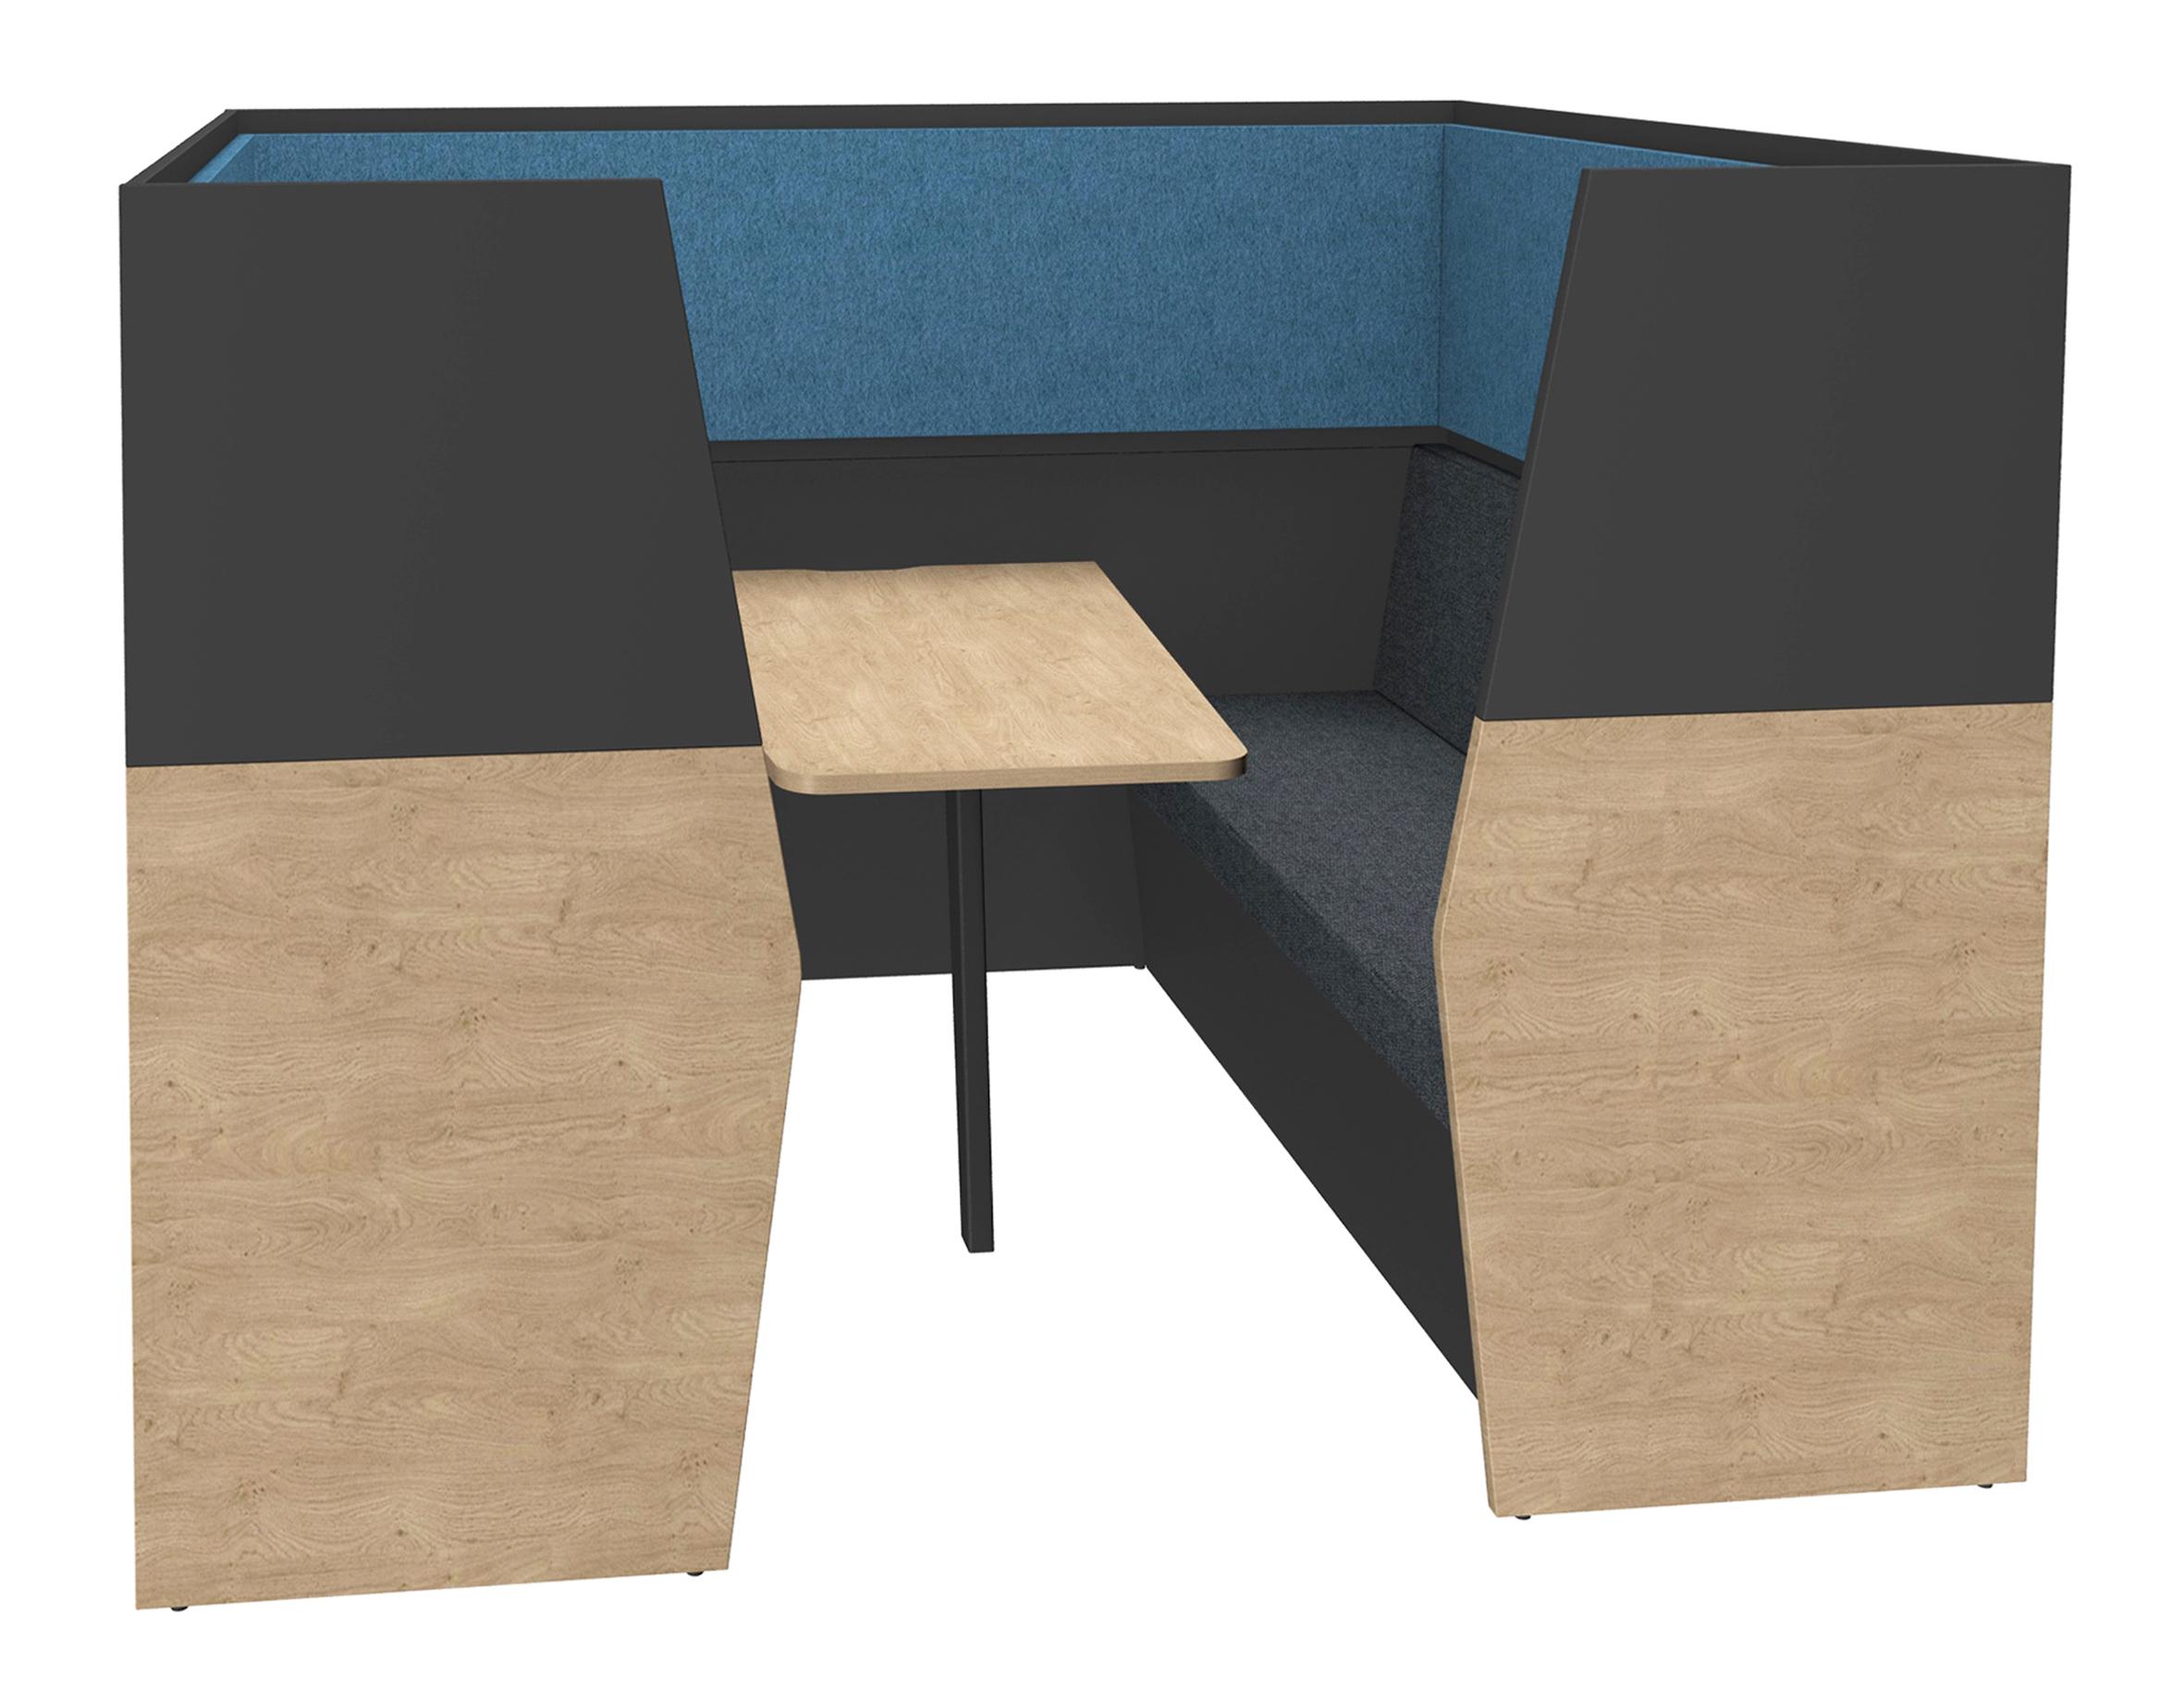 Box acoustique IN'TEAM - L210 x H 150 x P170 cm - 6 places avec table - structure chêne clair et carbone - panneaux bleu chiné